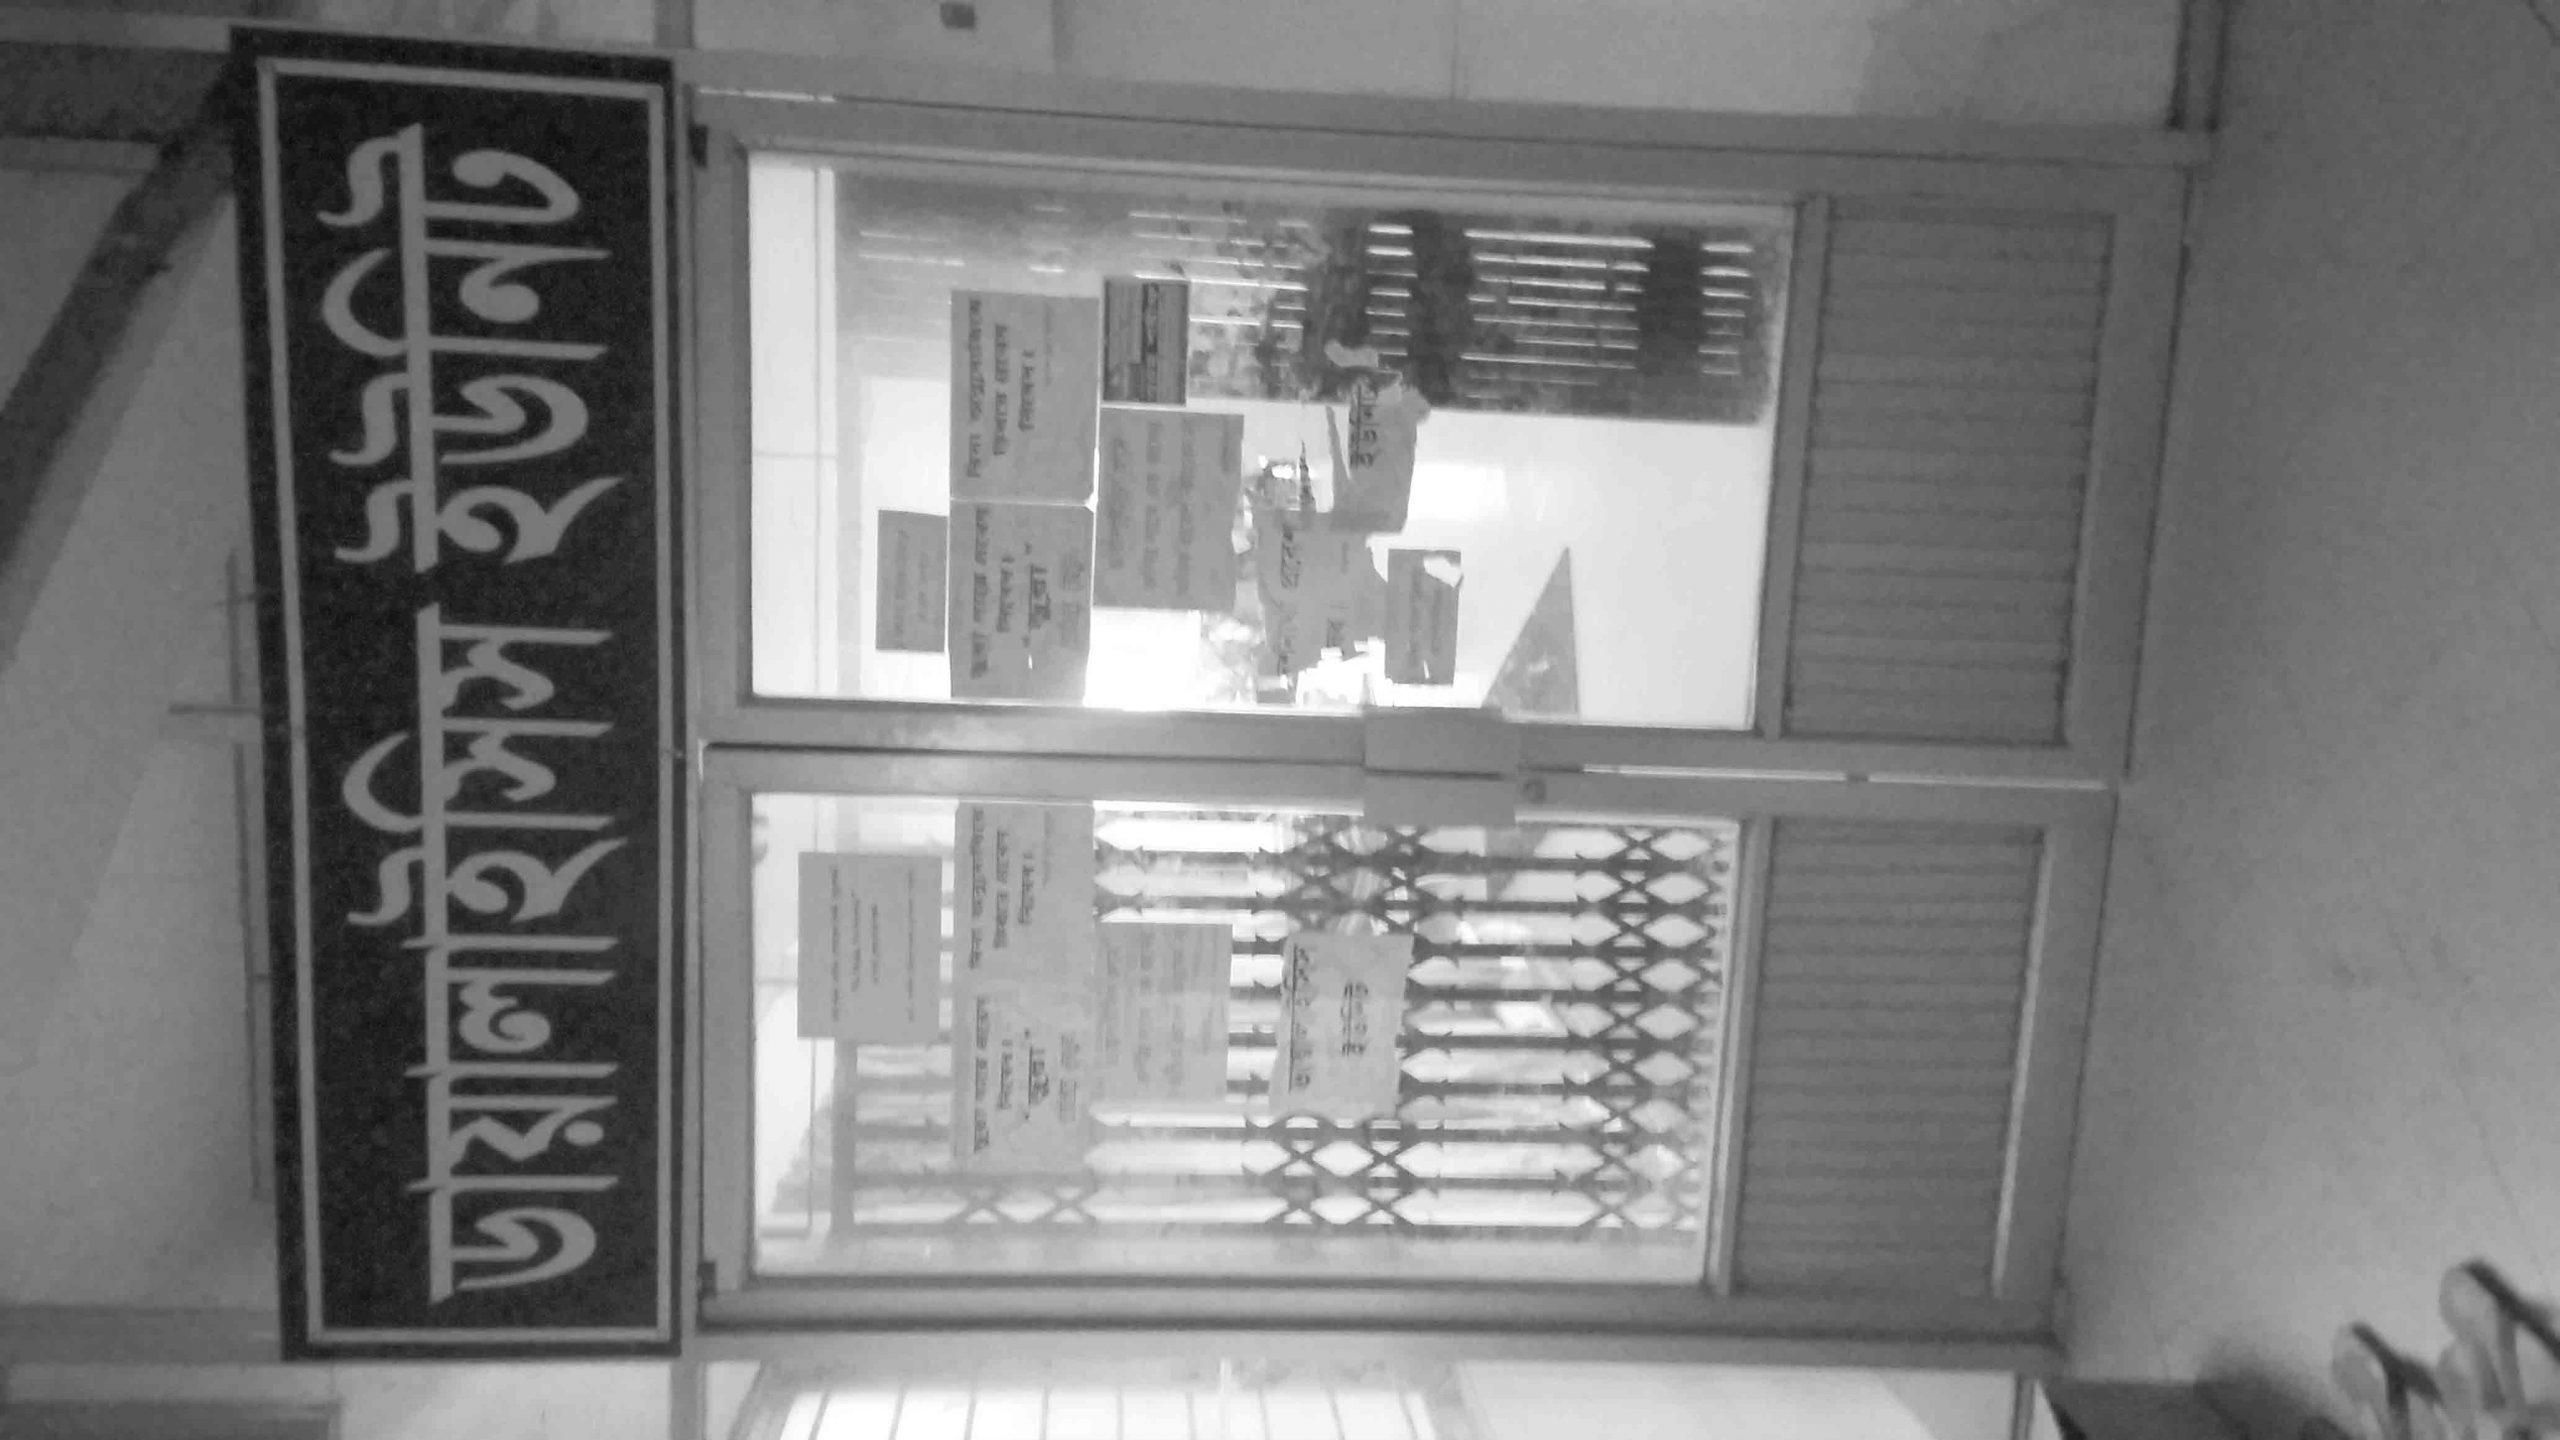 সাতক্ষীরা মেডিকেল কলেজ হাসপাতালে ডায়ালাইসিস বিভাগের যন্ত্রপাতির টেন্ডার পাশ হলেও হয়নি ওয়ার্ক অর্ডার